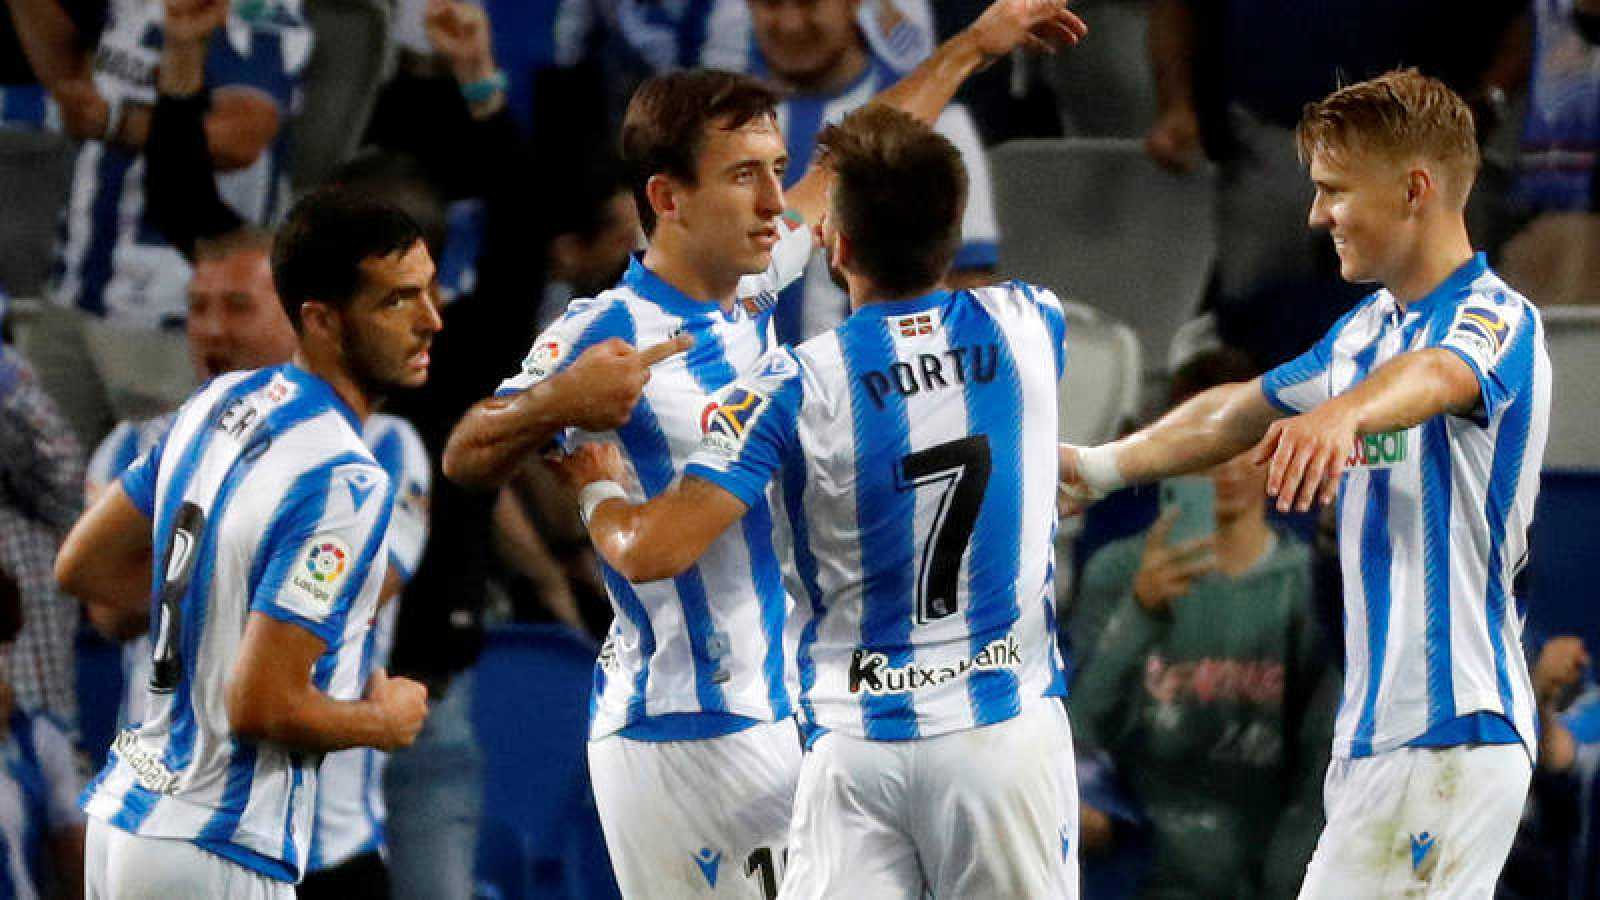 El delantero de la Real Sociedad Mikel Oyarzabal celebra su segundo gol, tercero de su equipo ante el Deportivo Alavés.